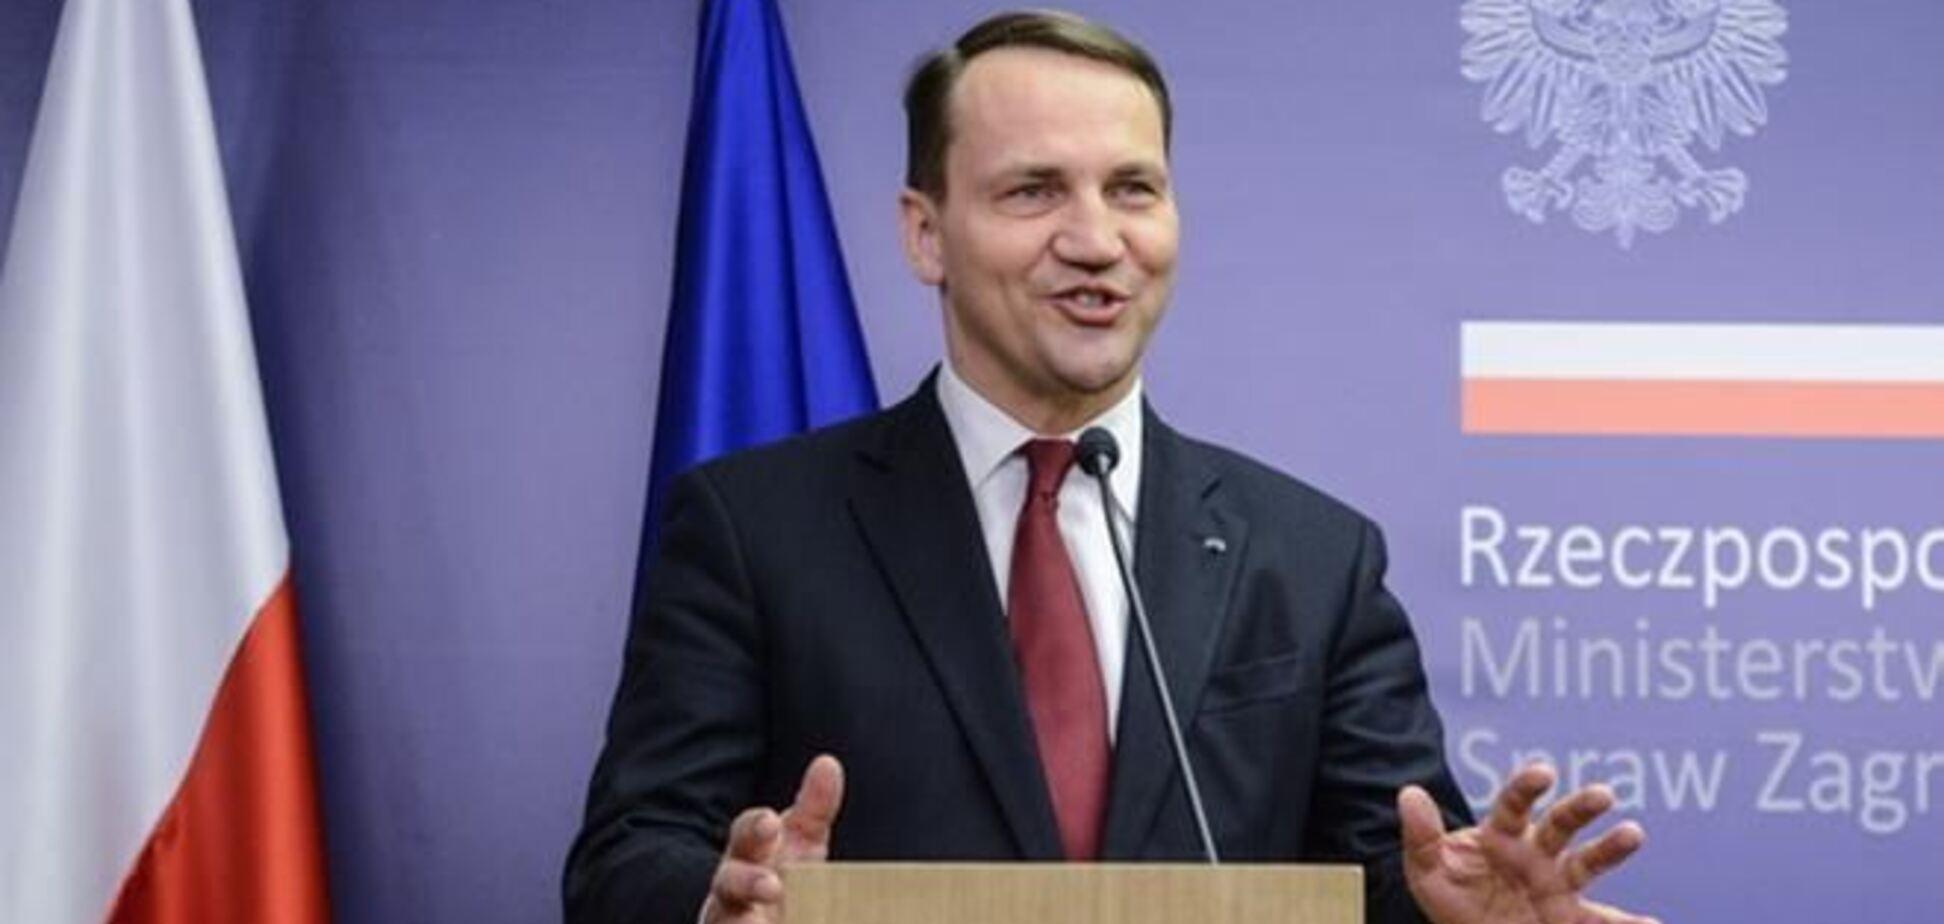 Сікорський: Україна може підписати Угоду про асоціацію з ЄС після виборів президента